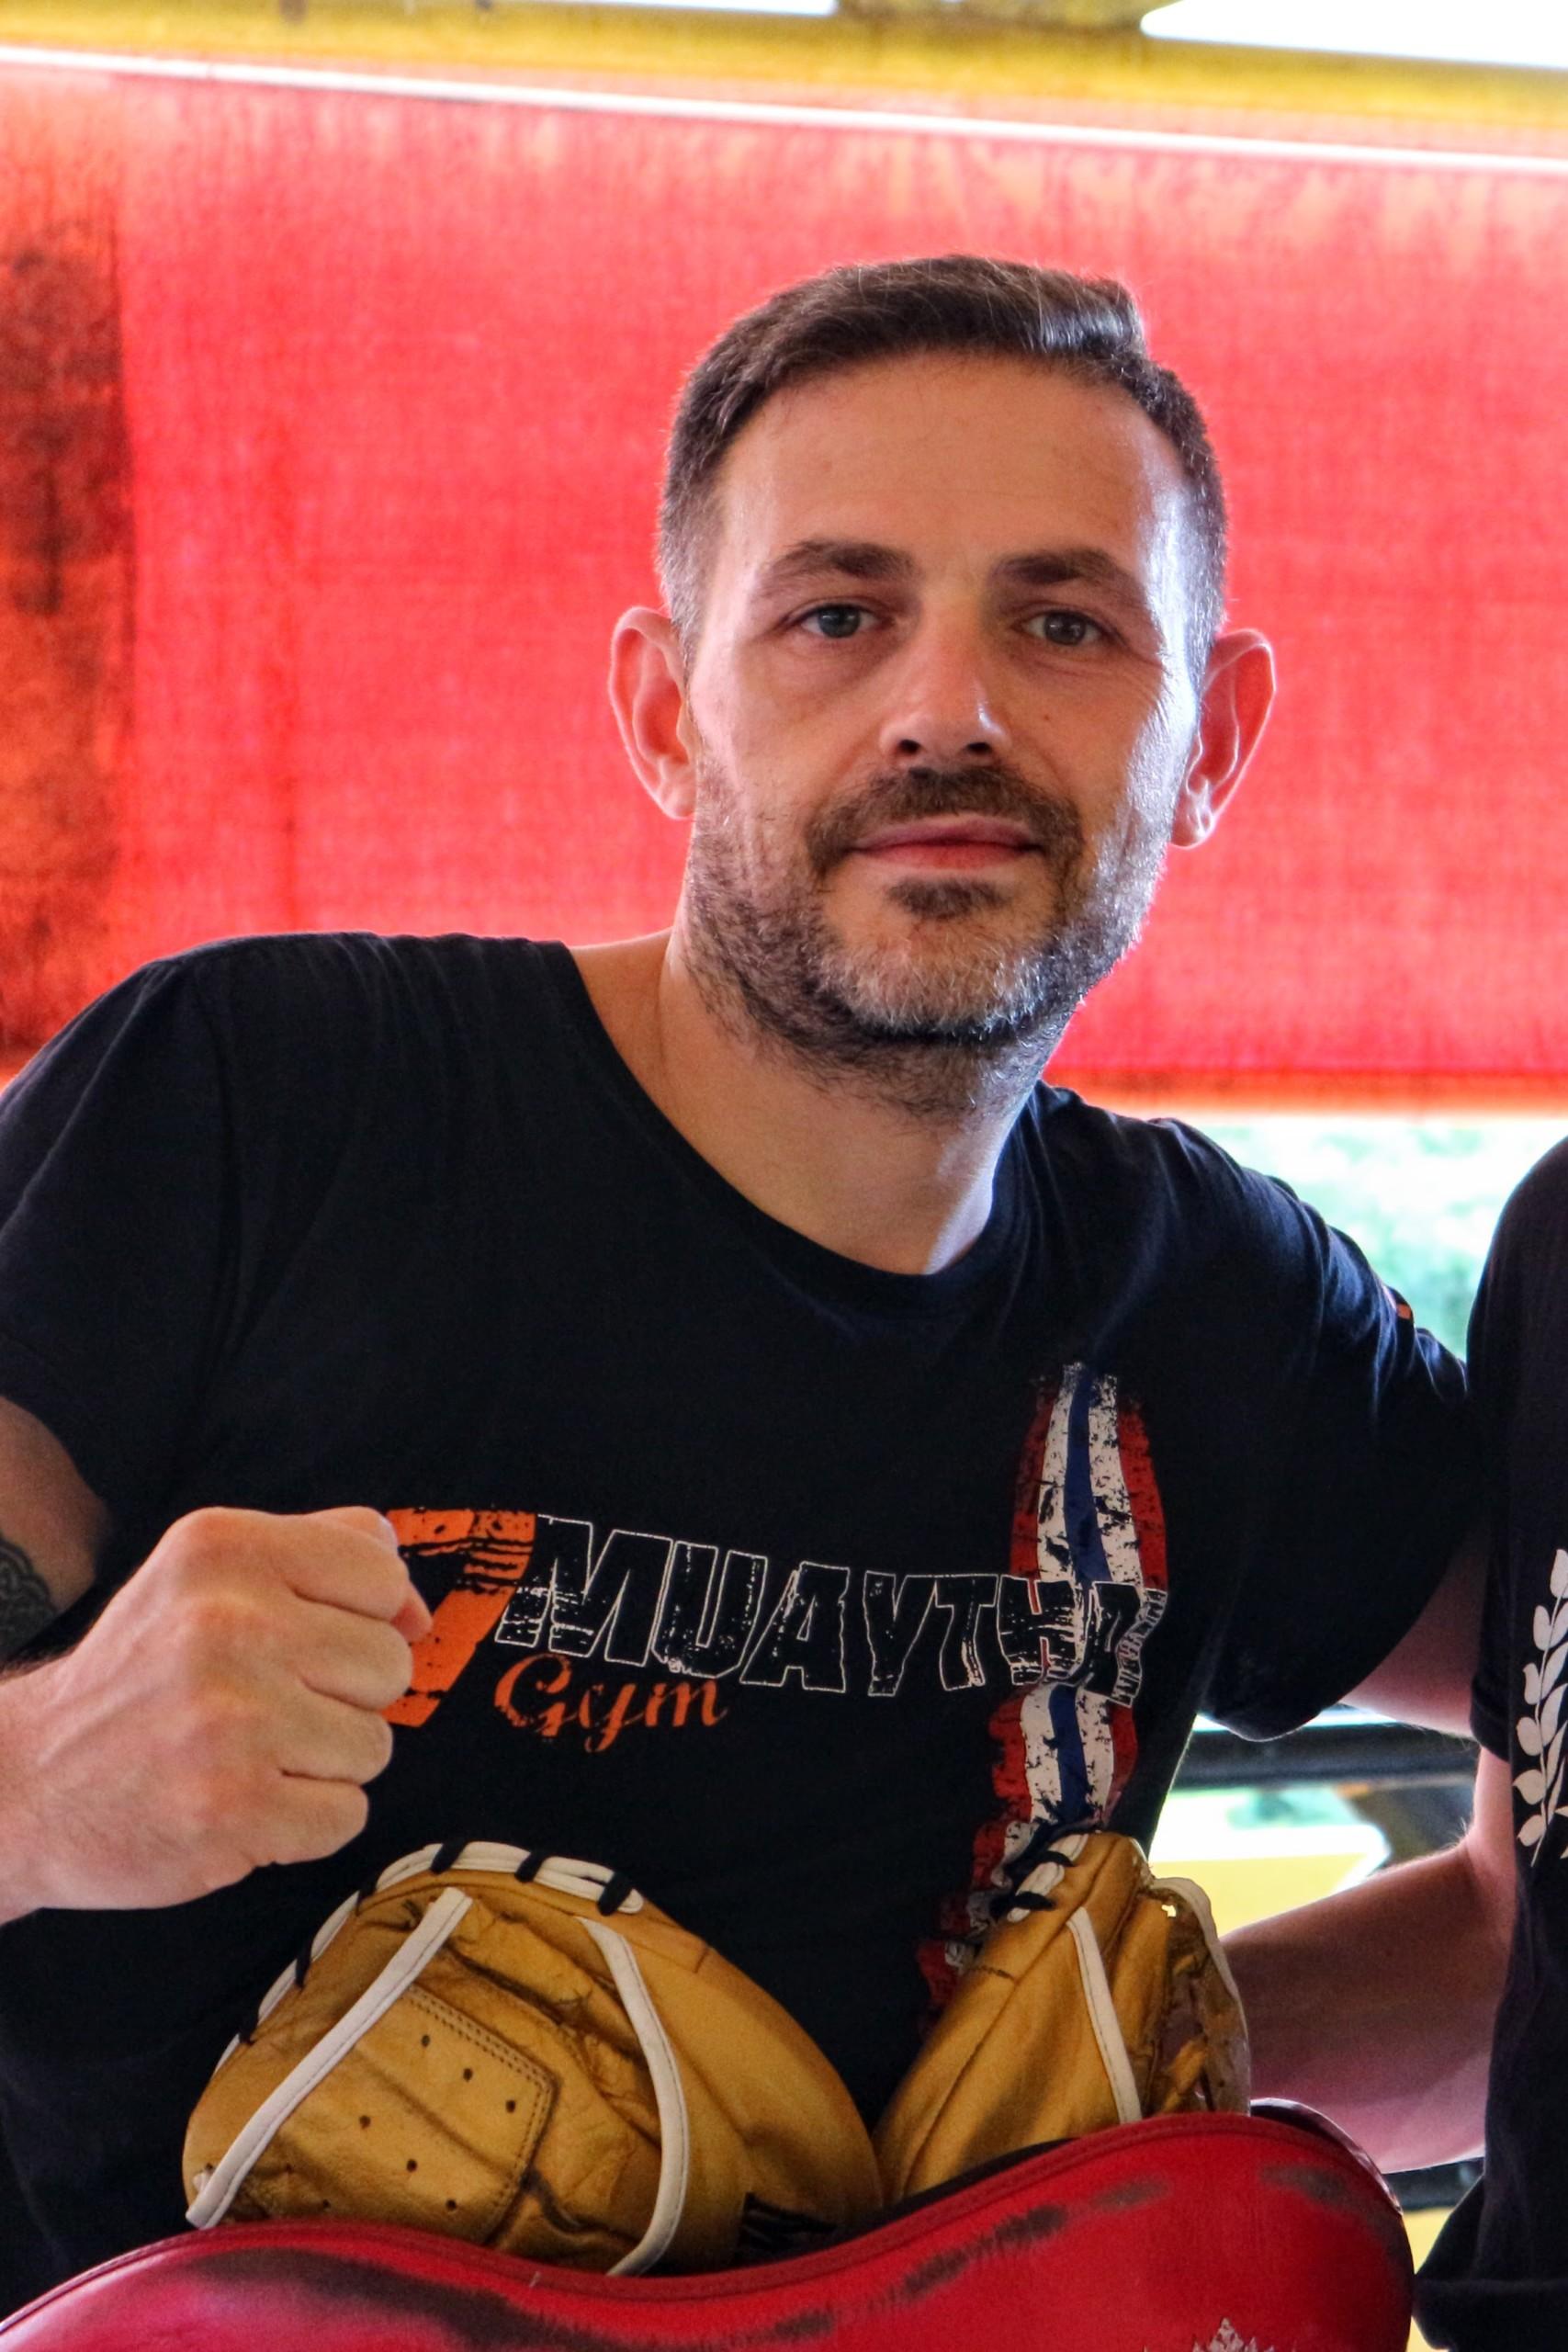 Alessandro Grifa